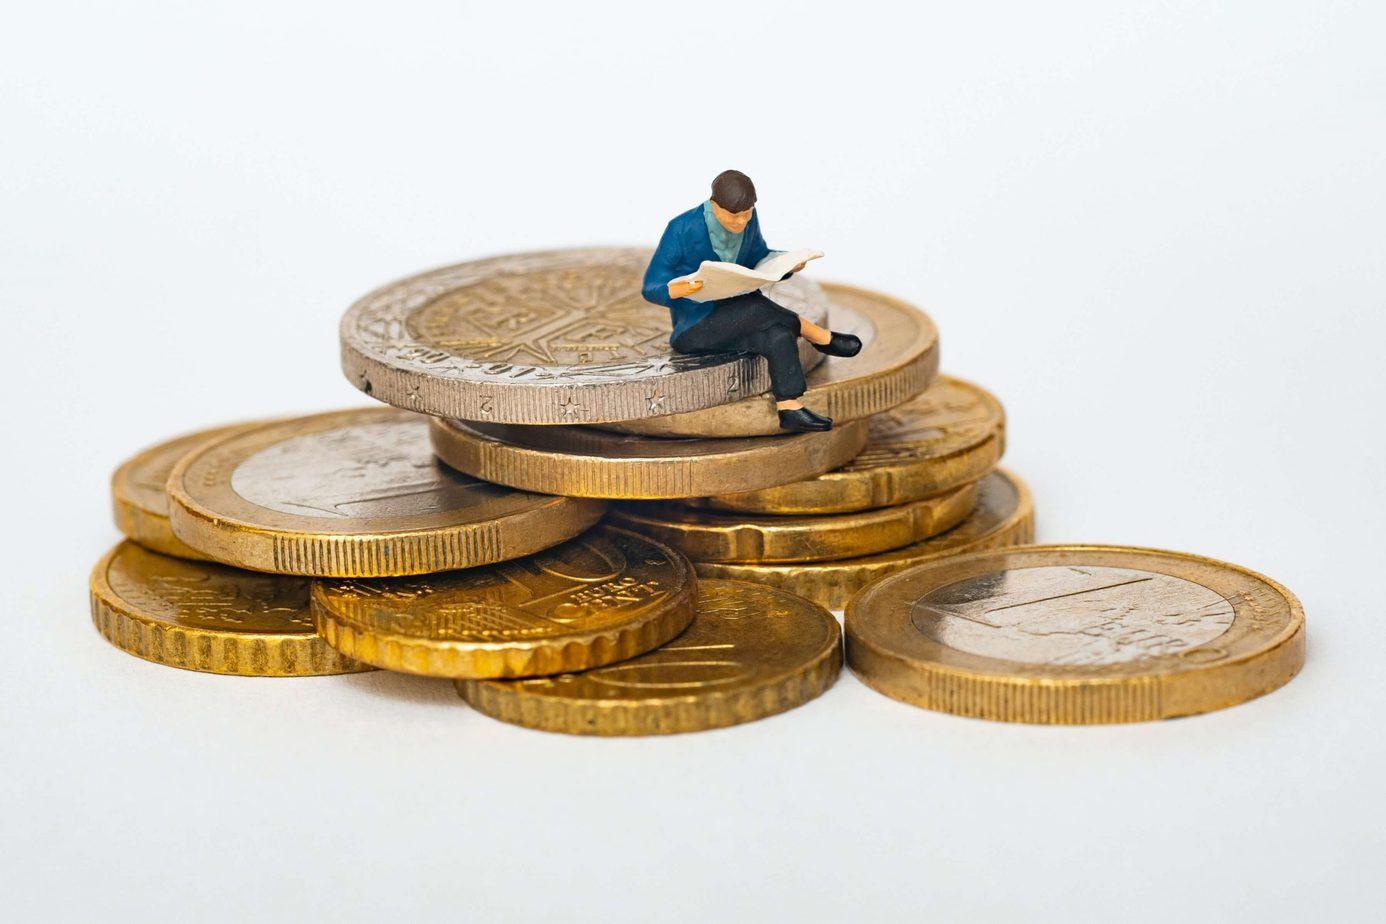 Osoba siedząca na stosie monet